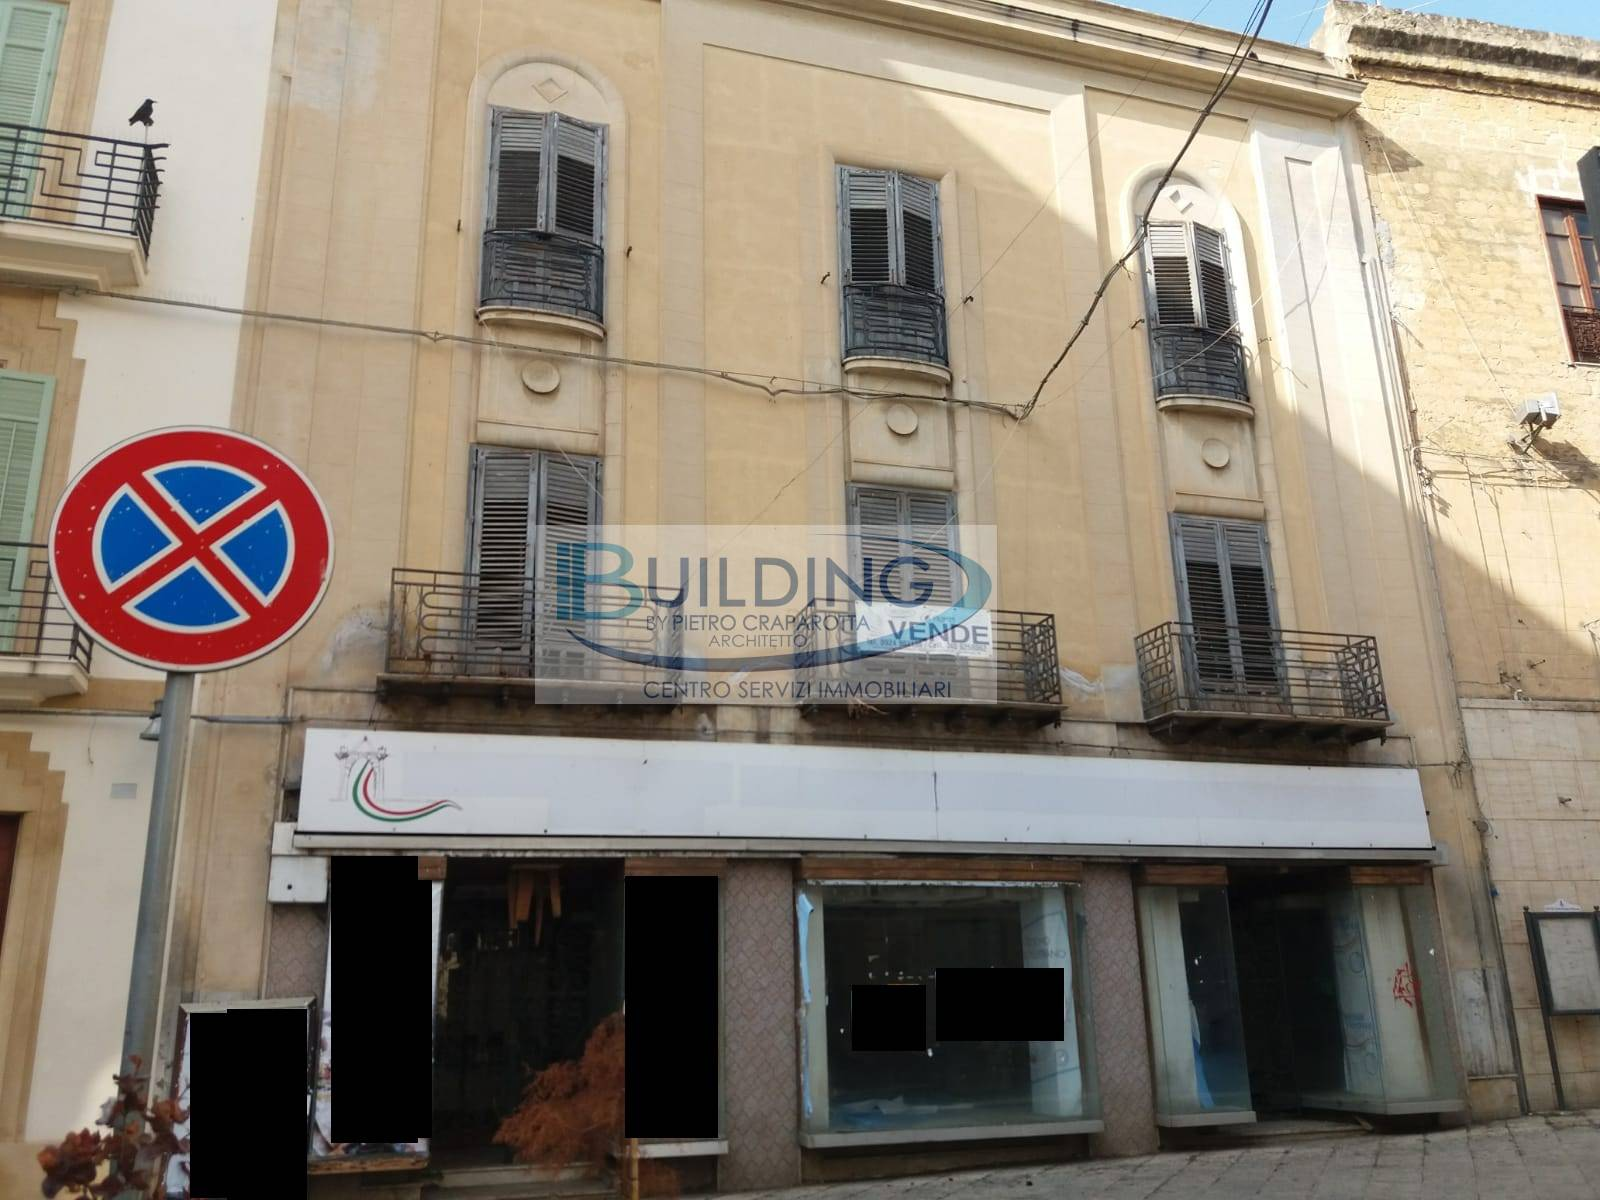 Appartamento in vendita a Castelvetrano, 8 locali, zona Località: CentroStorico, prezzo € 130.000 | PortaleAgenzieImmobiliari.it